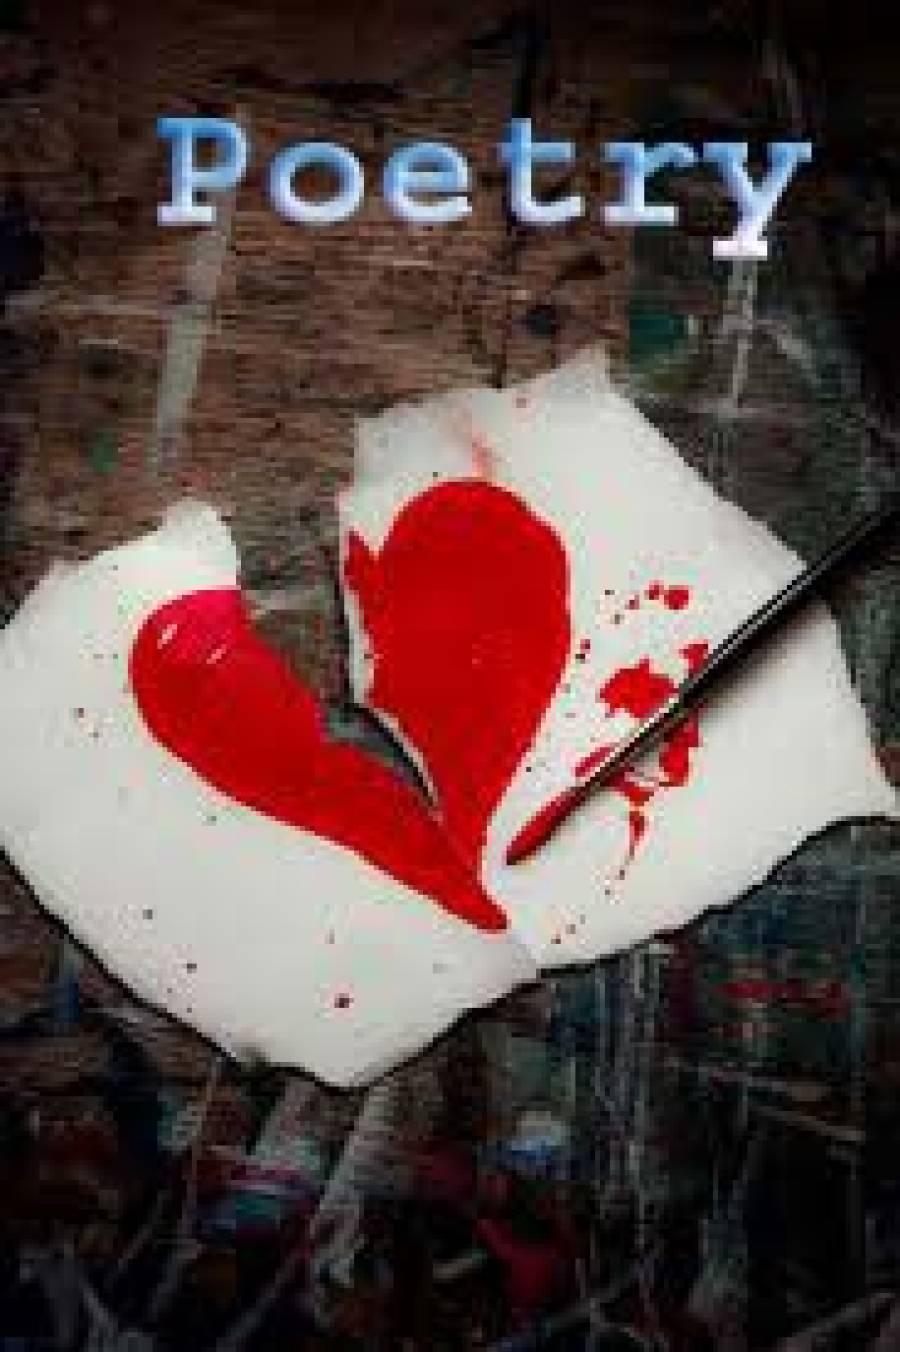 دل کی جو آگ تھی کم اس کو بھی ہونے نہ دیا | بسمل الہٰ آبادی |